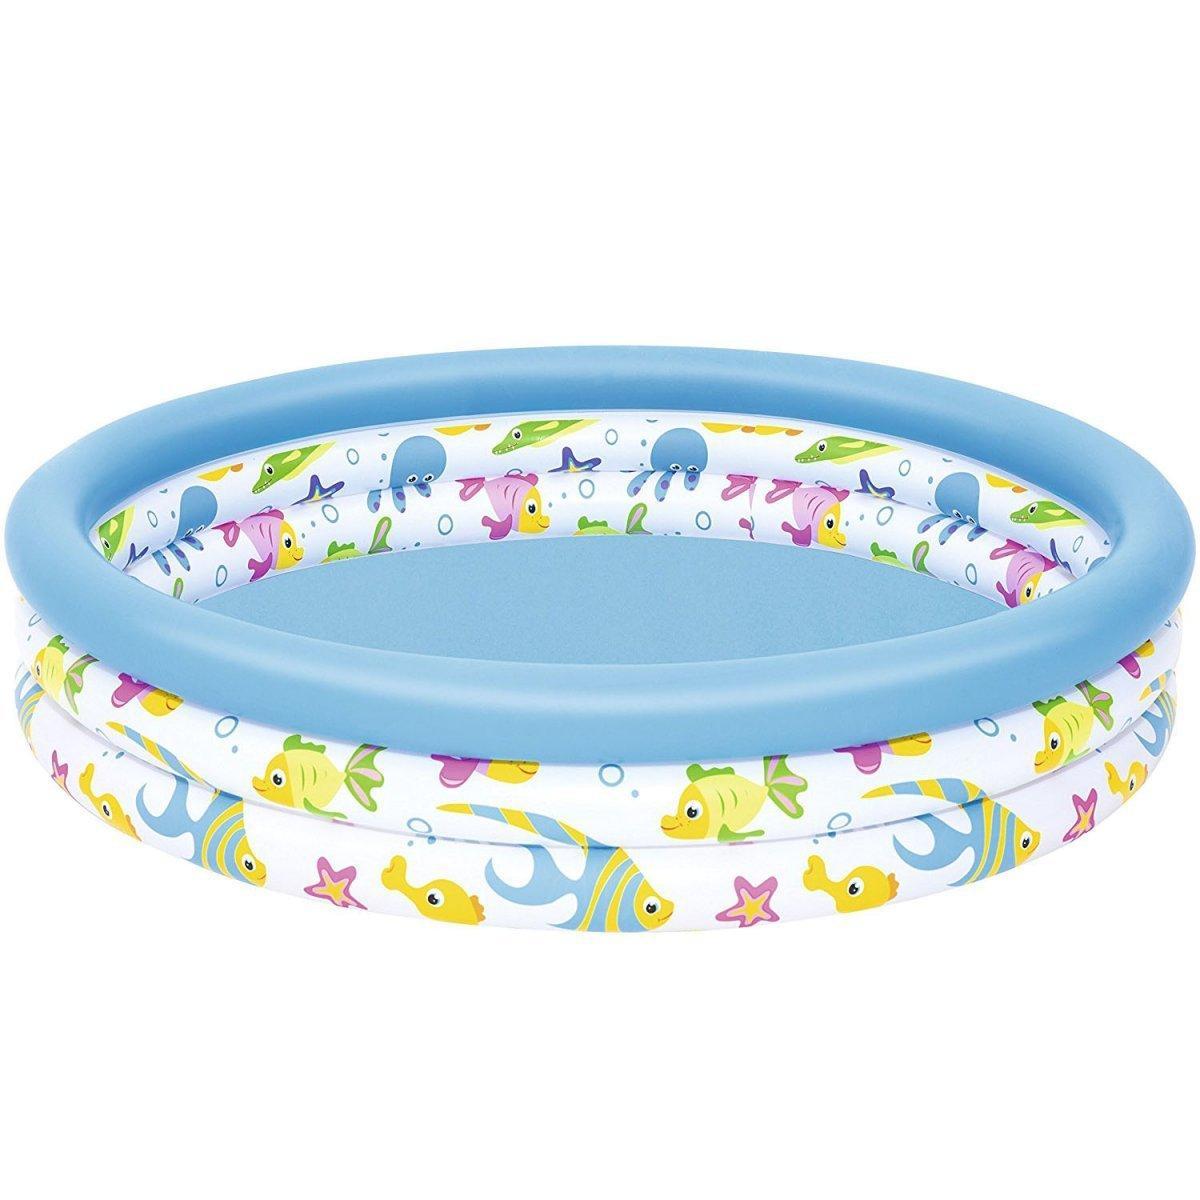 Детский надувной бассейн Bestway 51009 122 х 25 см Белый (RT-8679)